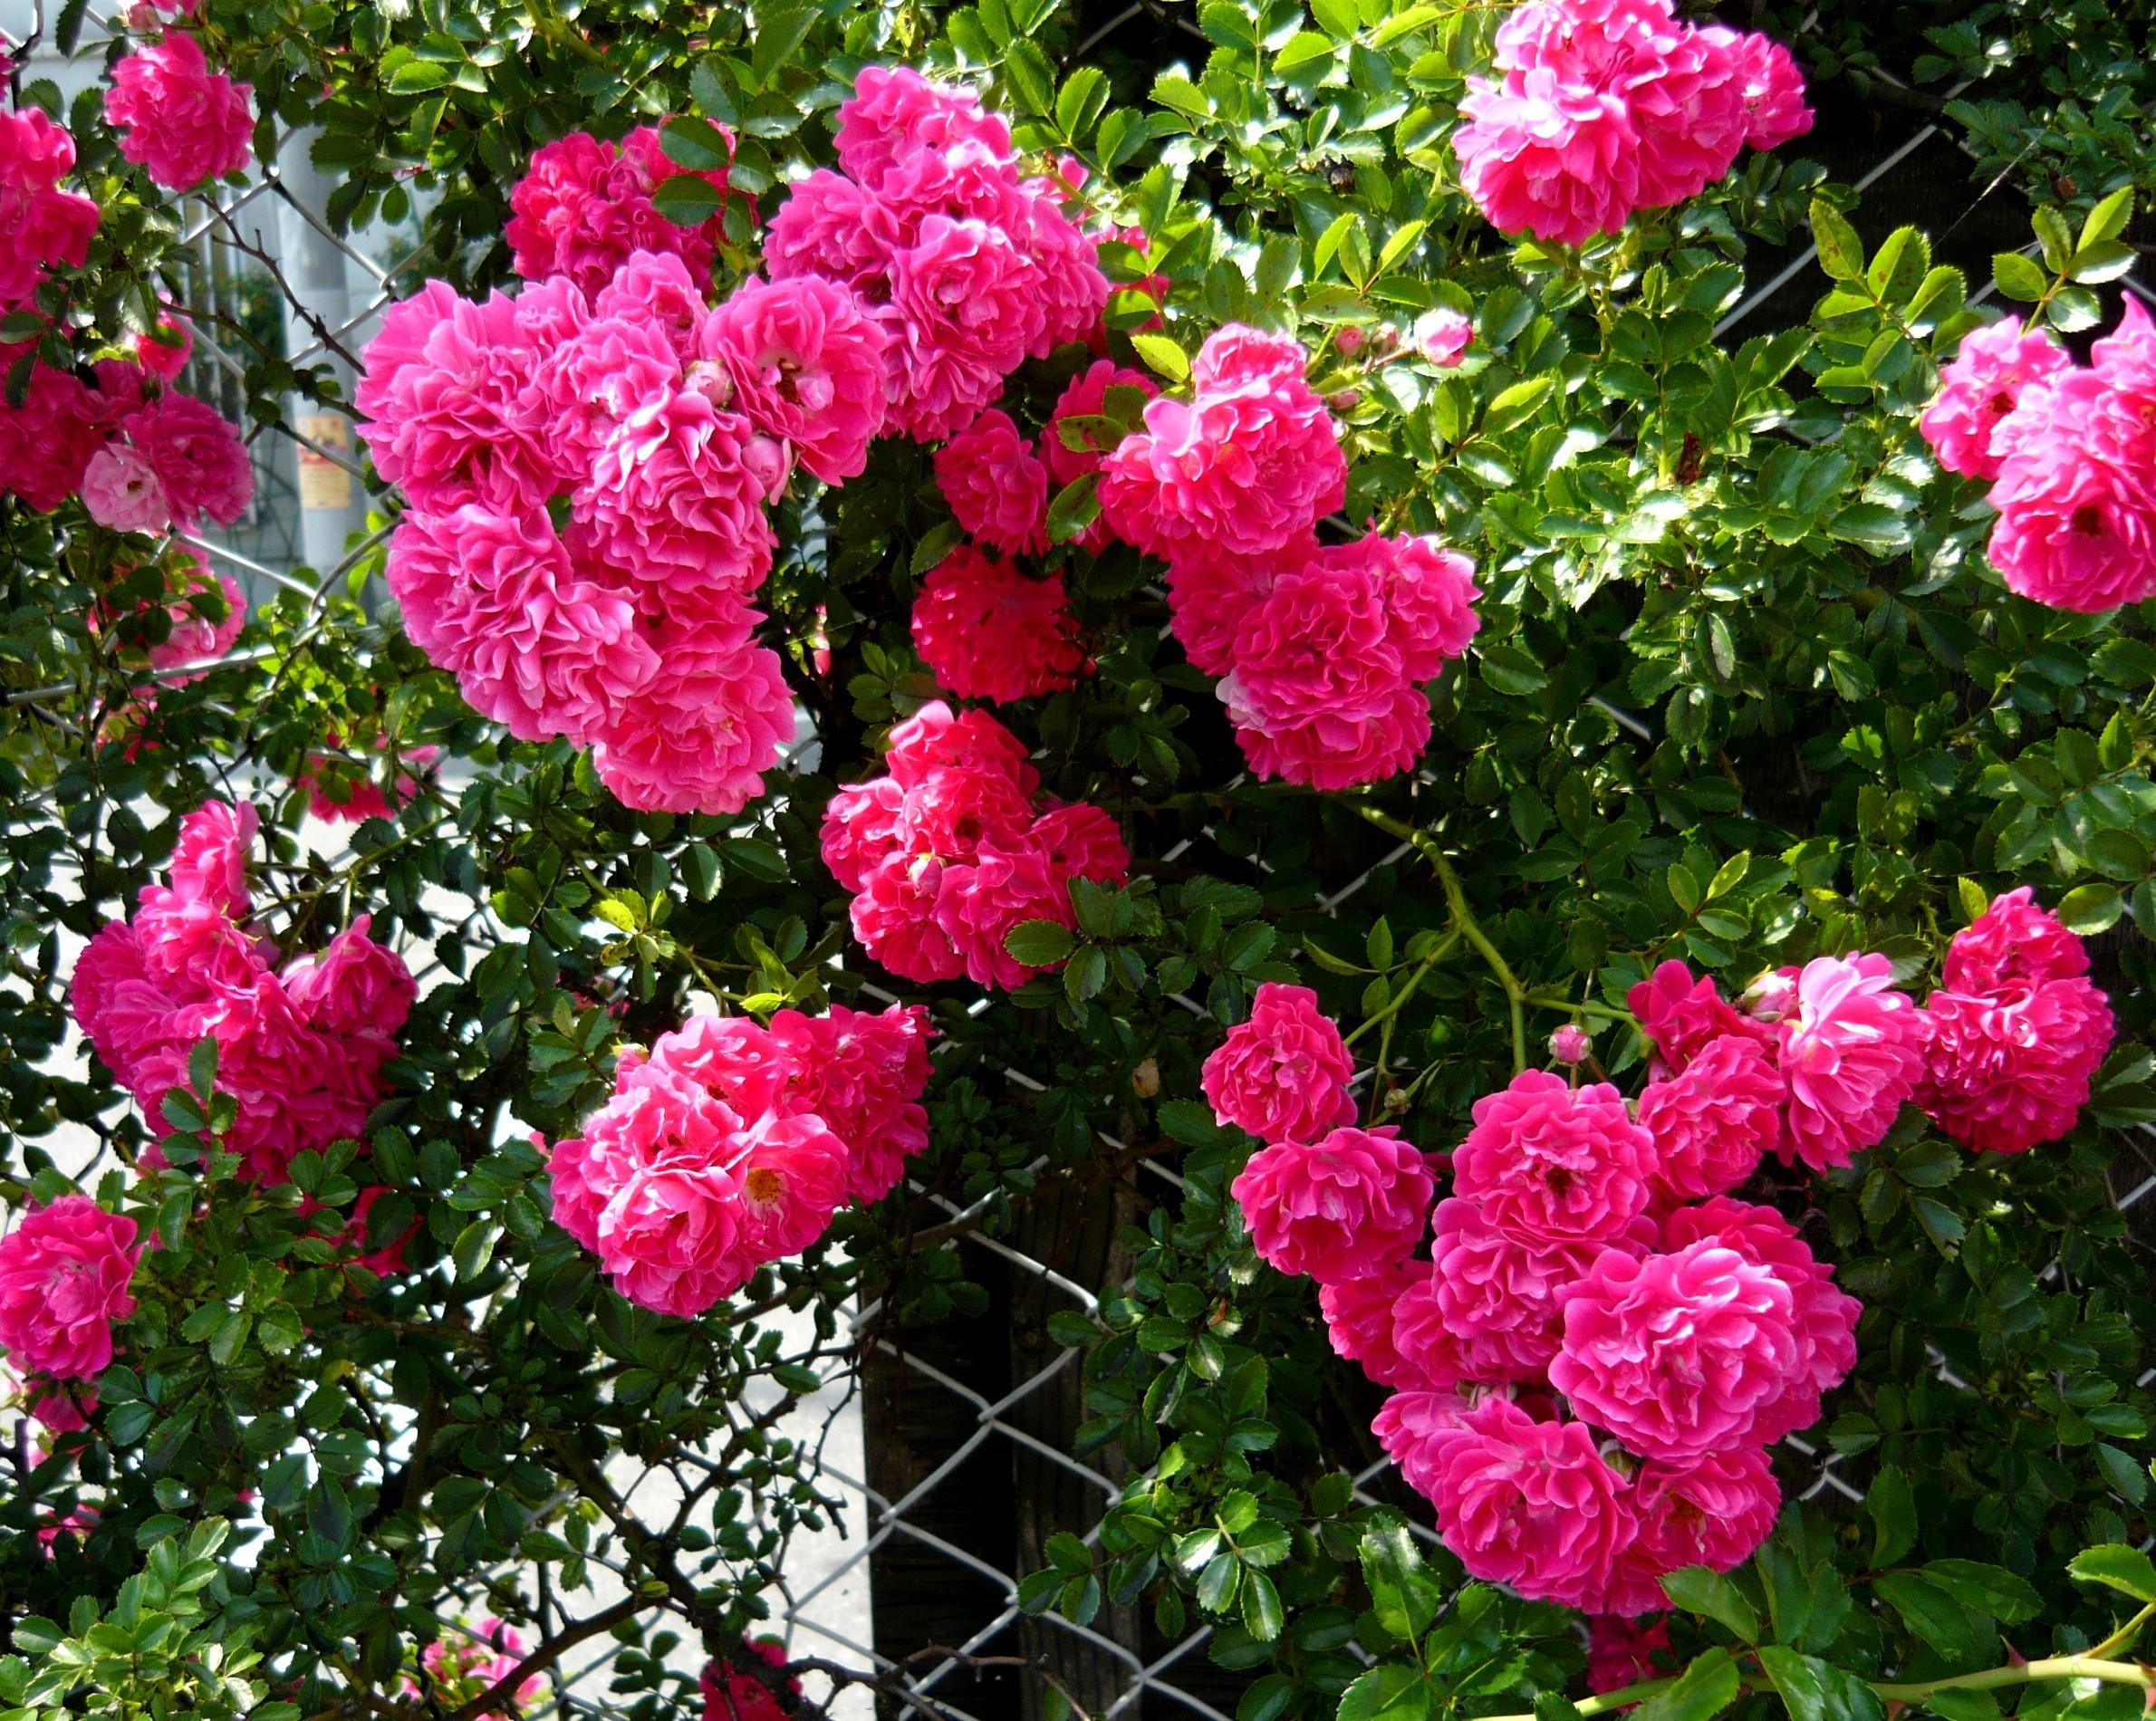 116318 скачать обои Цветы, Шиповник, Цветение, Кустарник, Сетка, Зелень - заставки и картинки бесплатно